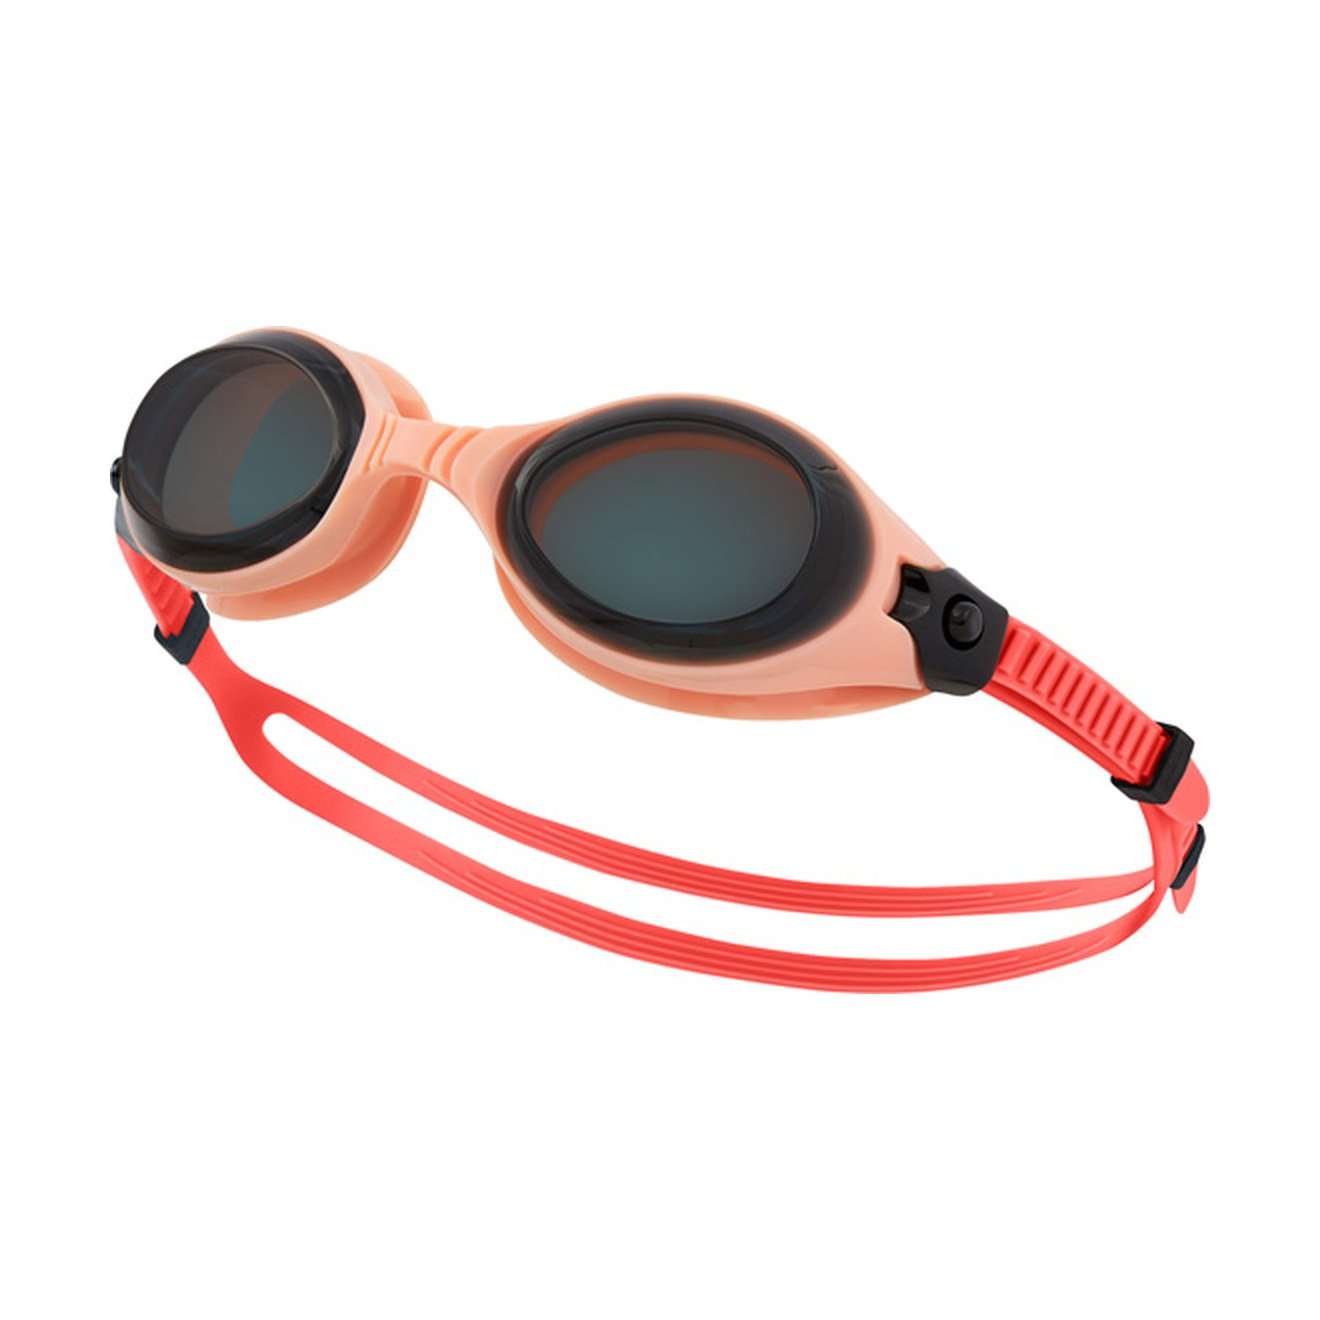 Nike Nike Nike Swim Training Bruch Plus Goggle B078J7XQ5K Schwimmbrillen Lass unsere Waren in die Welt gehen ad9dd2